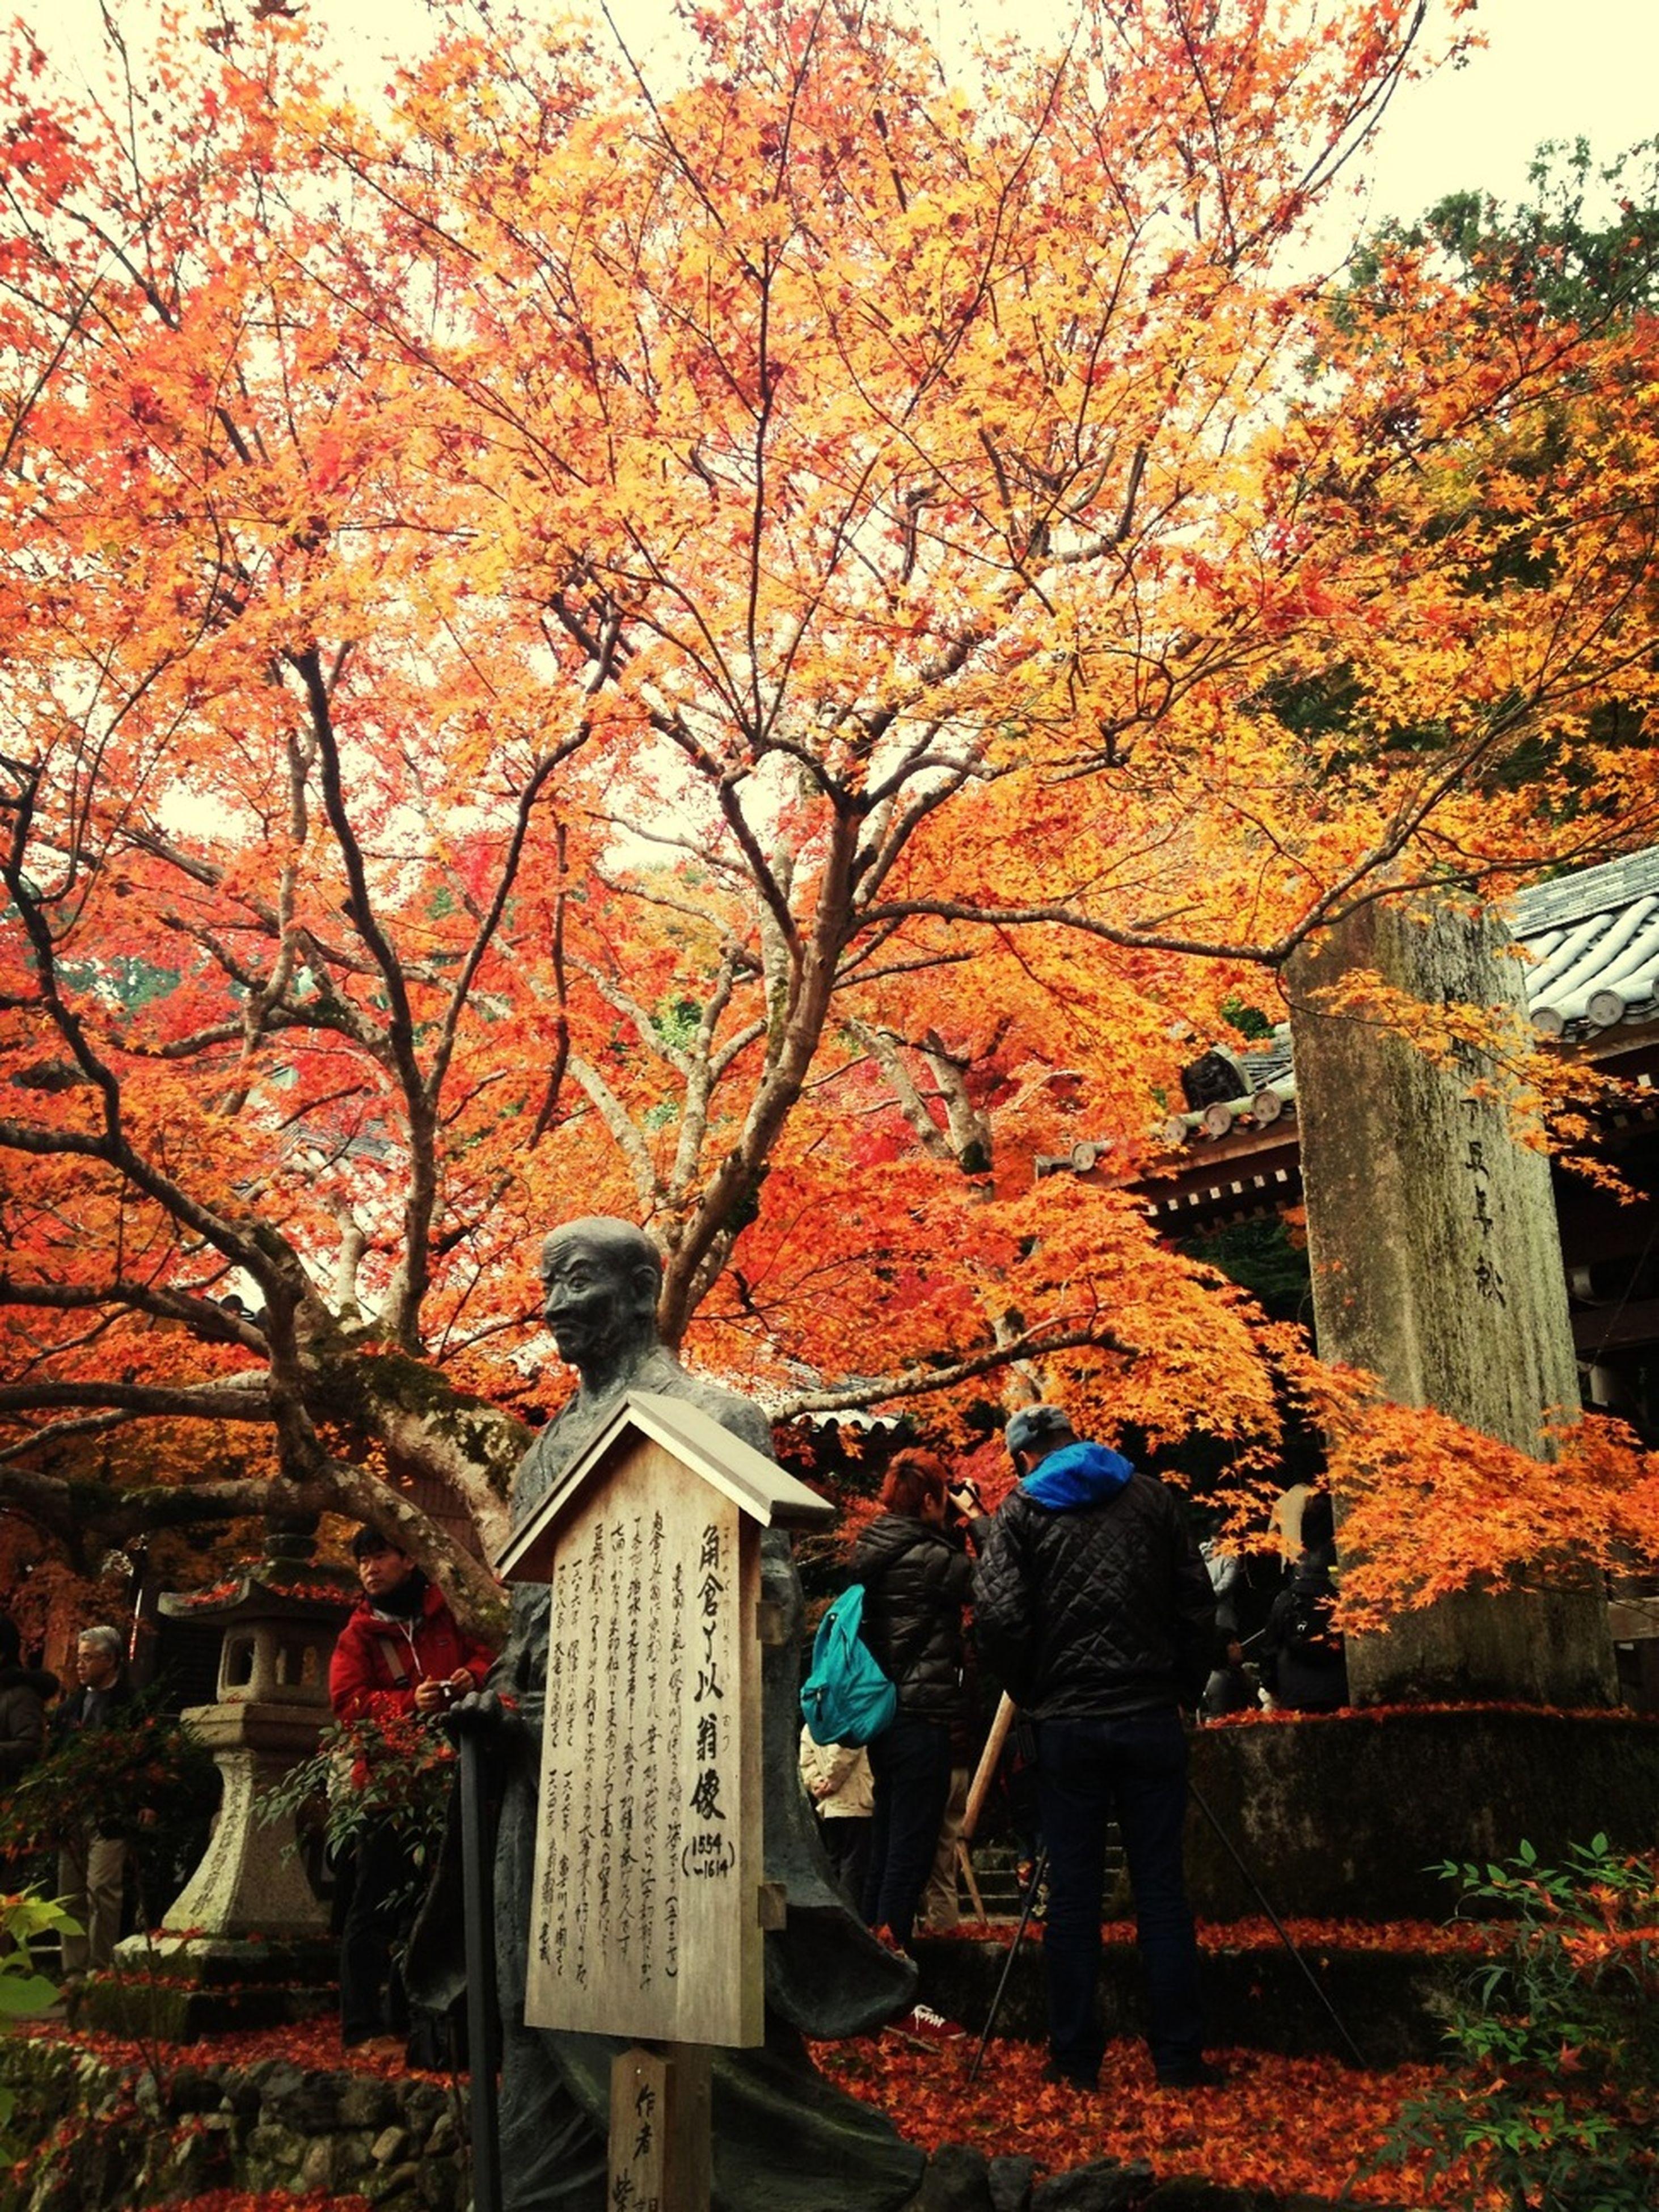 autumn, tree, change, season, lifestyles, orange color, men, branch, growth, built structure, leisure activity, nature, person, building exterior, leaf, flower, architecture, rear view